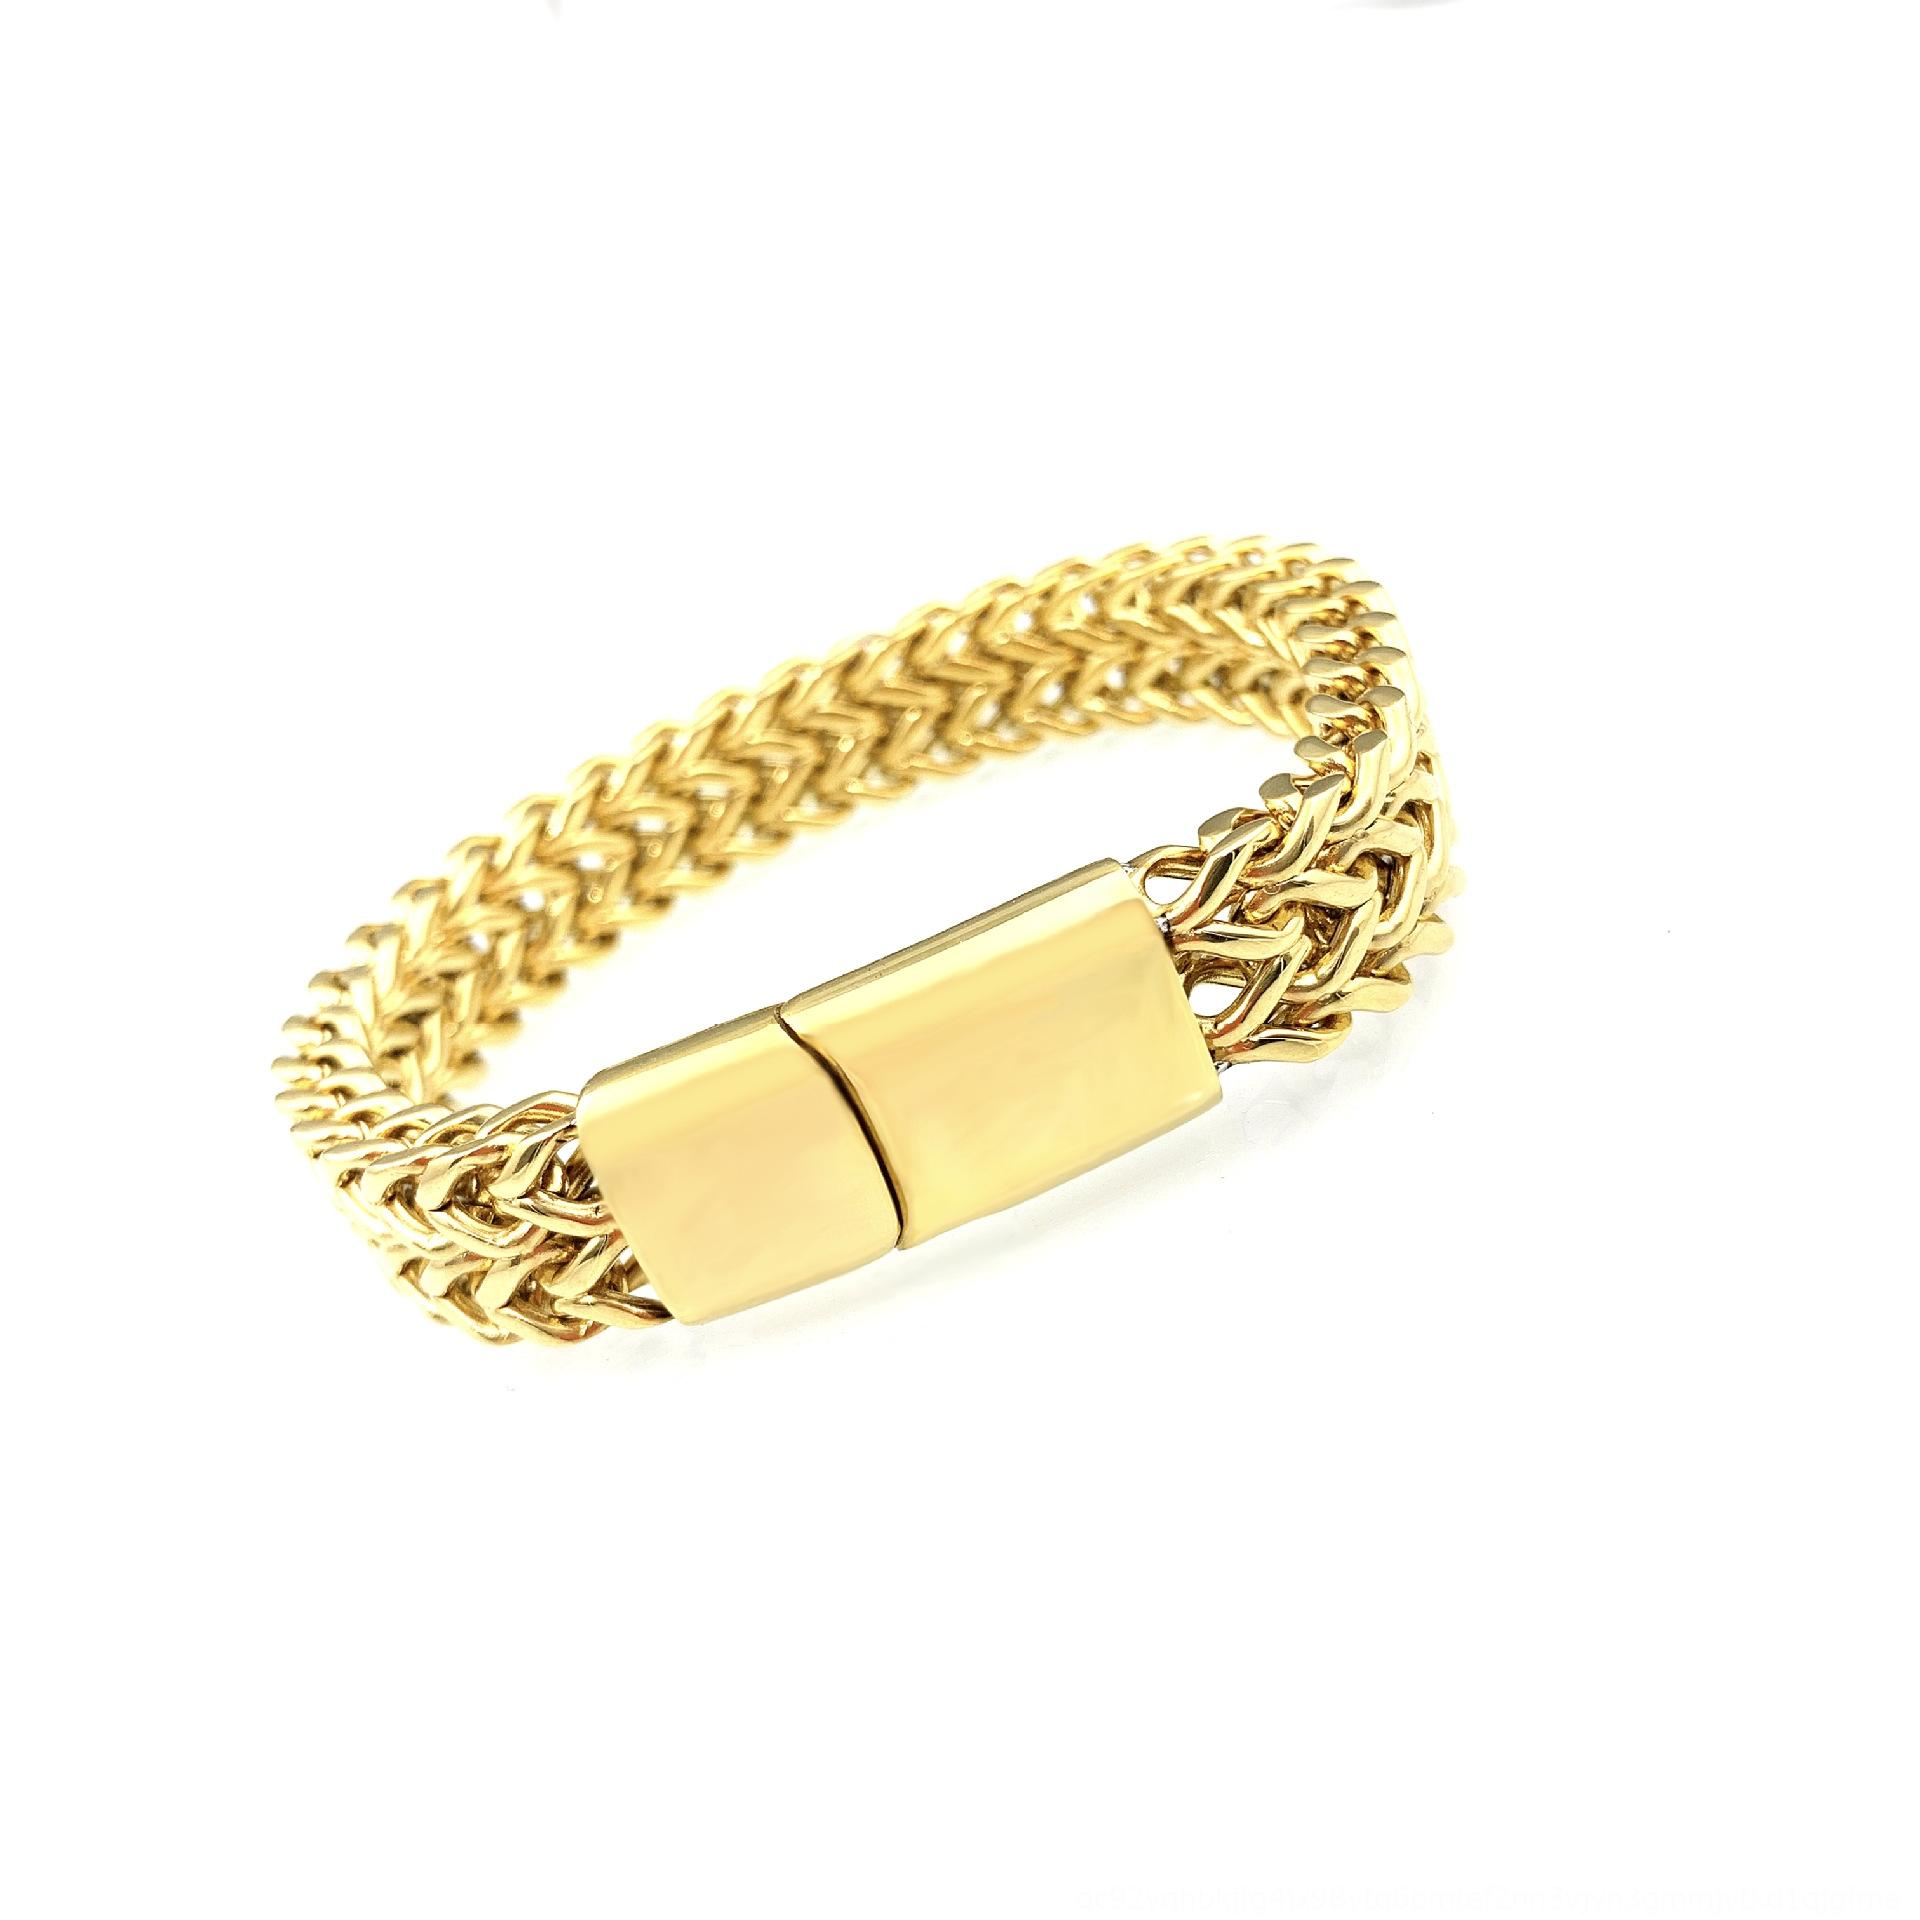 frontais de aço inoxidável duas carreiras e titânio cadeia de volta personalizado pulseira de ouro acessórios de hardware pulseira de ouro dos homens imuux